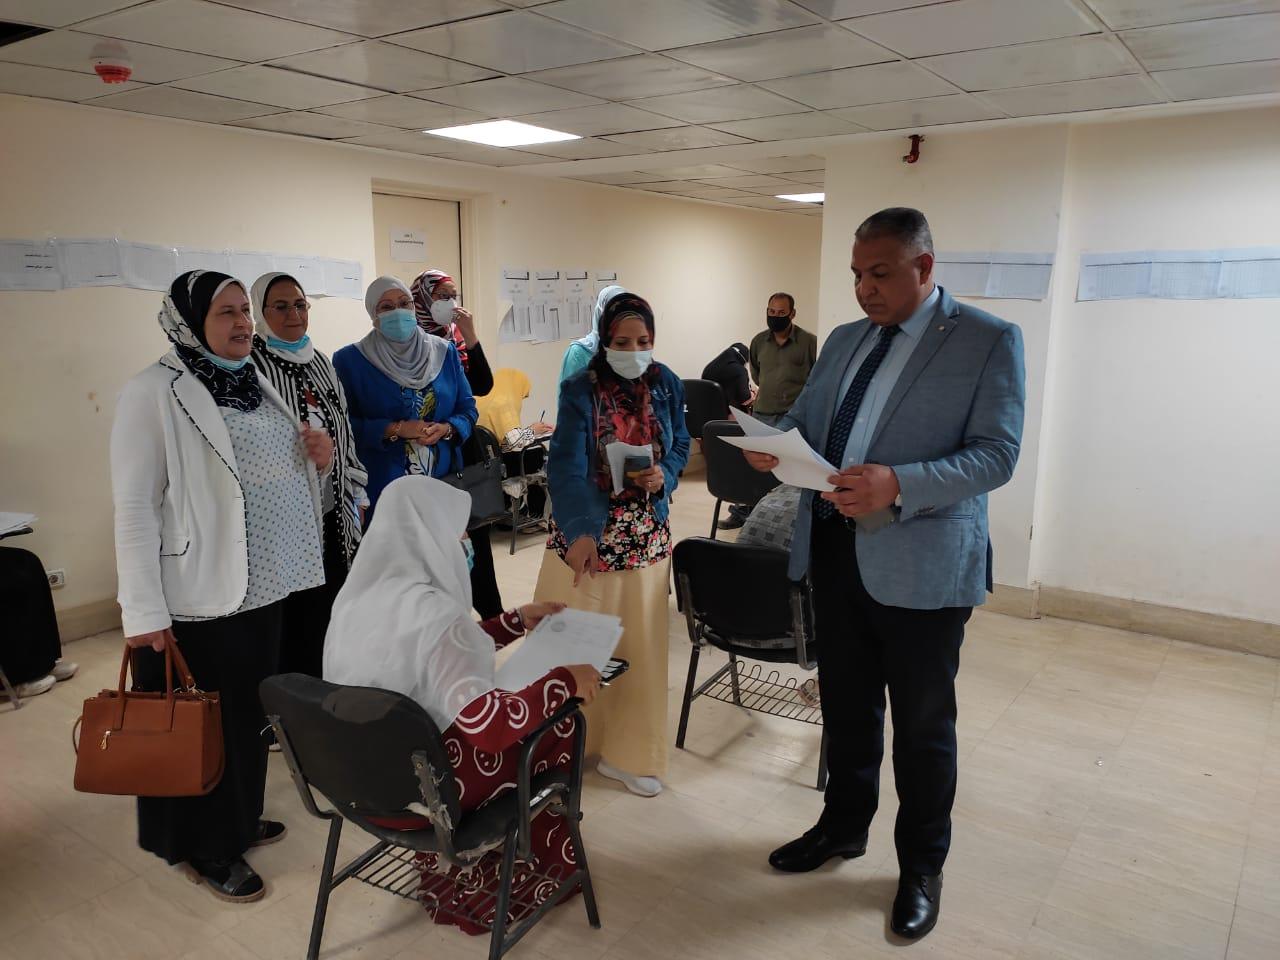 نائب رئيس جامعة الأزهر يتفقد امتحانات كليات: التمريض والتجارة والدراسات الإنسانية